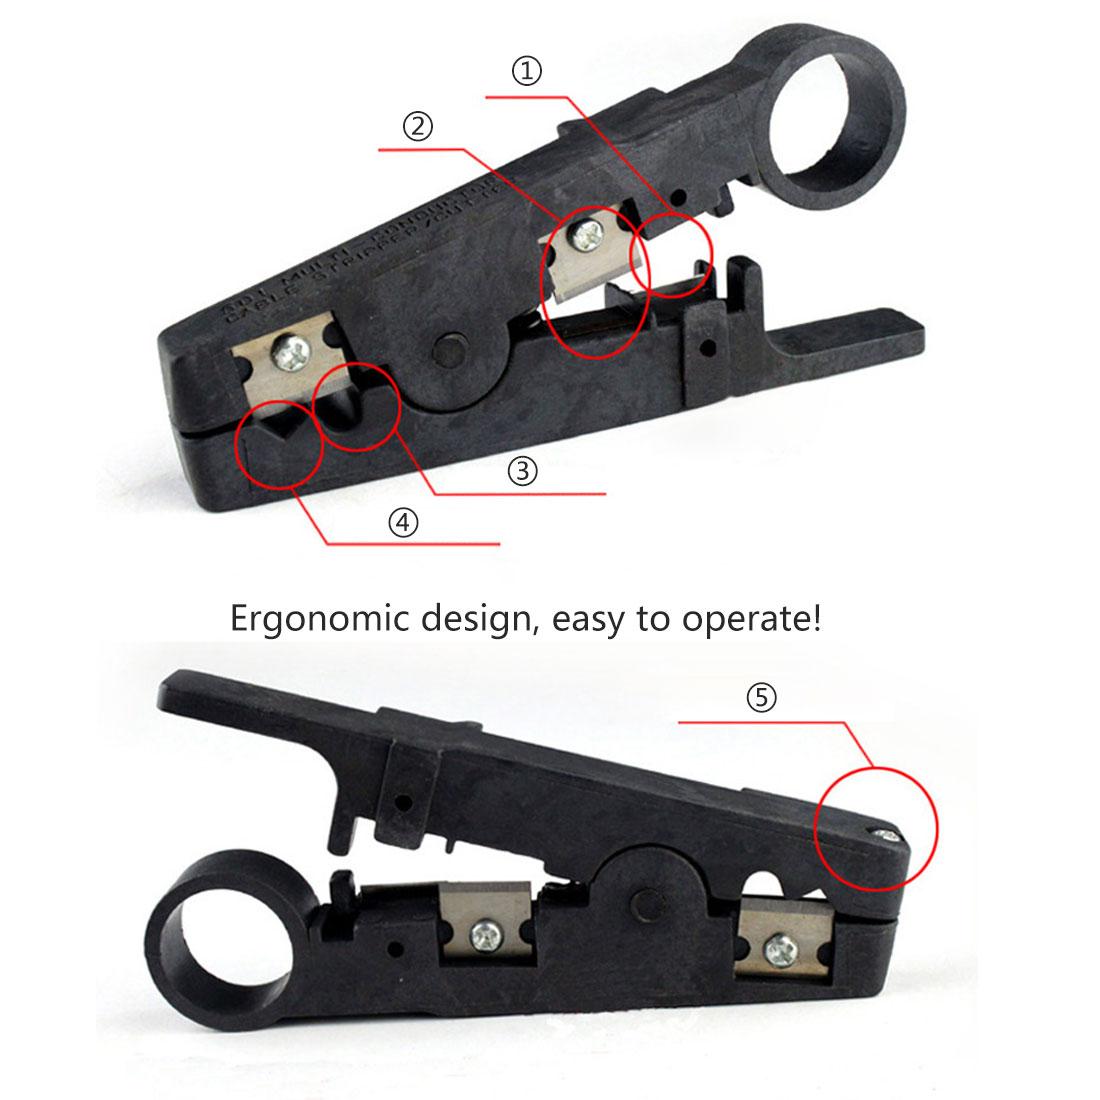 Aufrichtig 1 Stücke Kabel Abisolieren Draht Cutter Cut Line Tool Rj45 Anlege Utp Netzwerkkabel Crimpen Schneider Stripper Eleganter Auftritt Zangen Handwerkzeuge